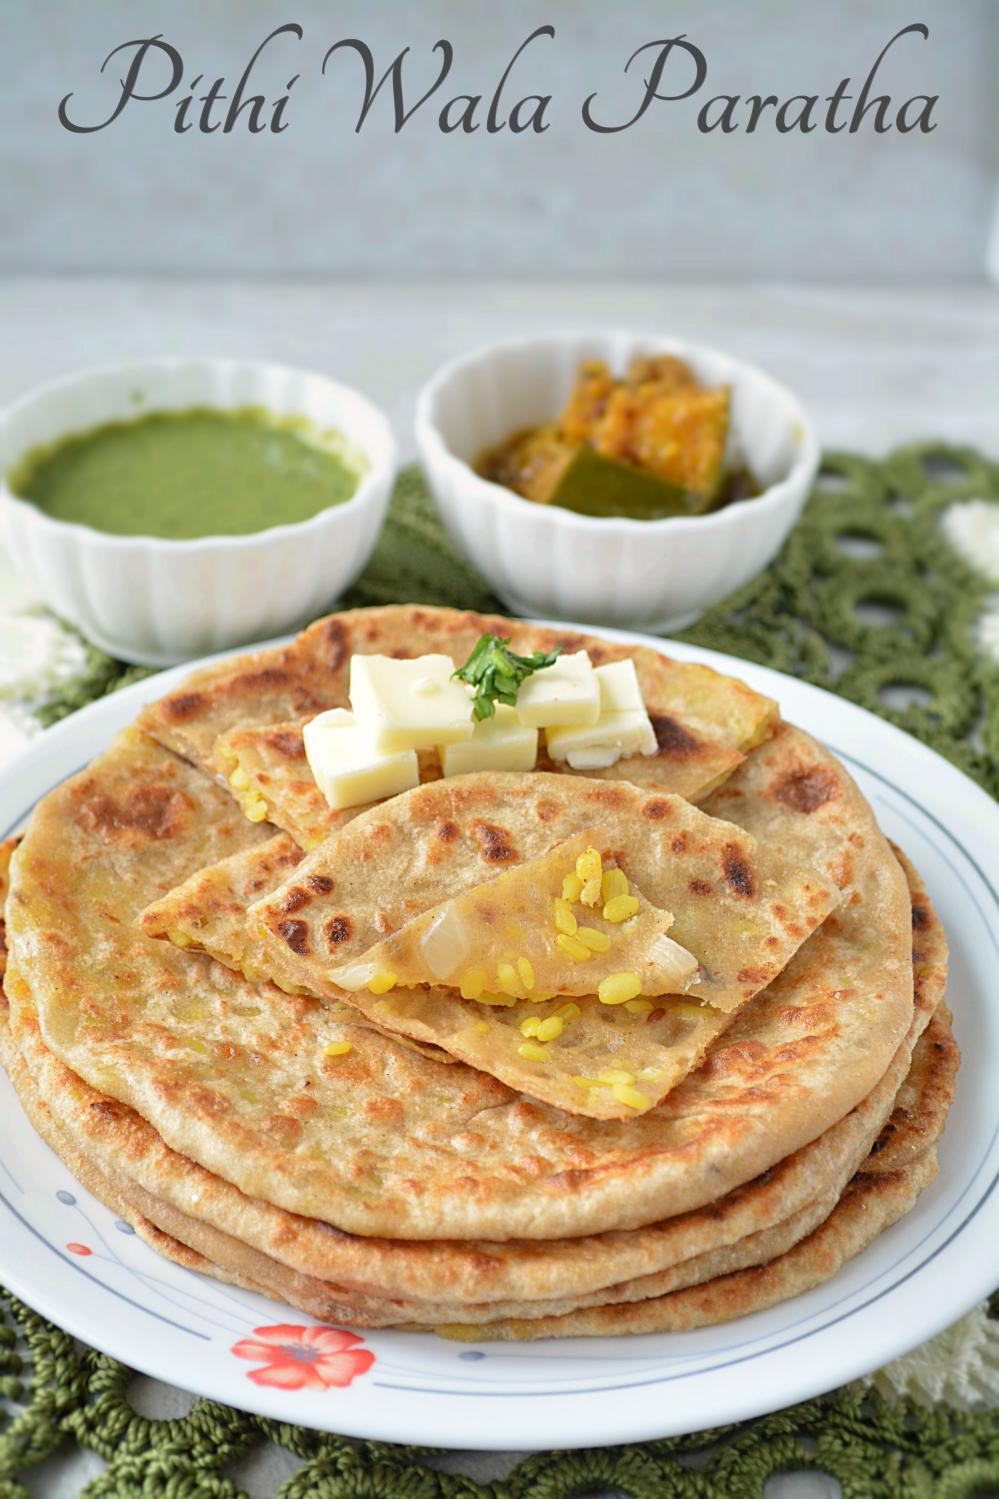 Pithi wala Paratha